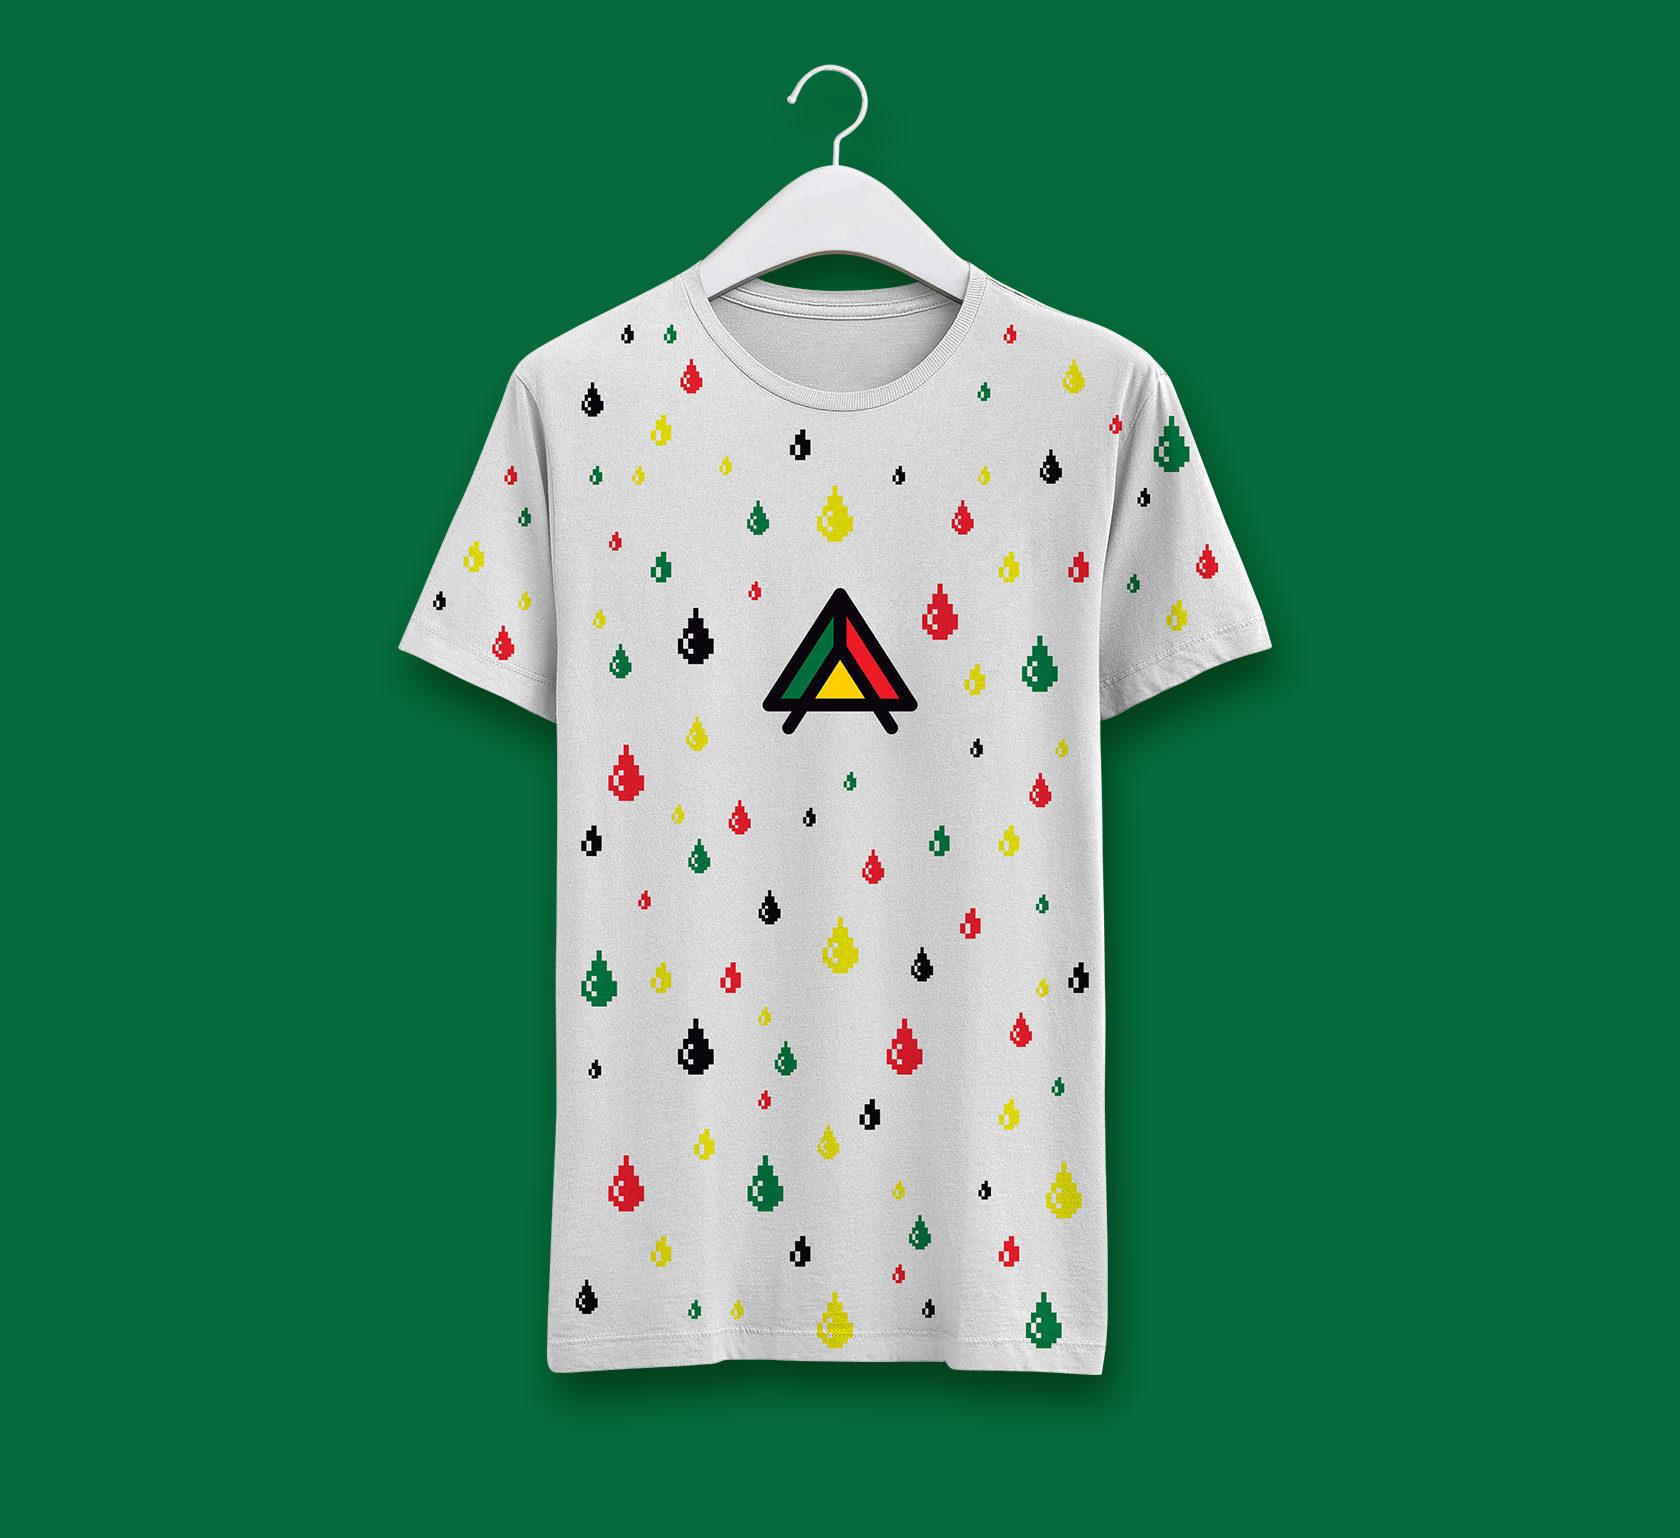 Artistree-tshirt-design-by-Furia